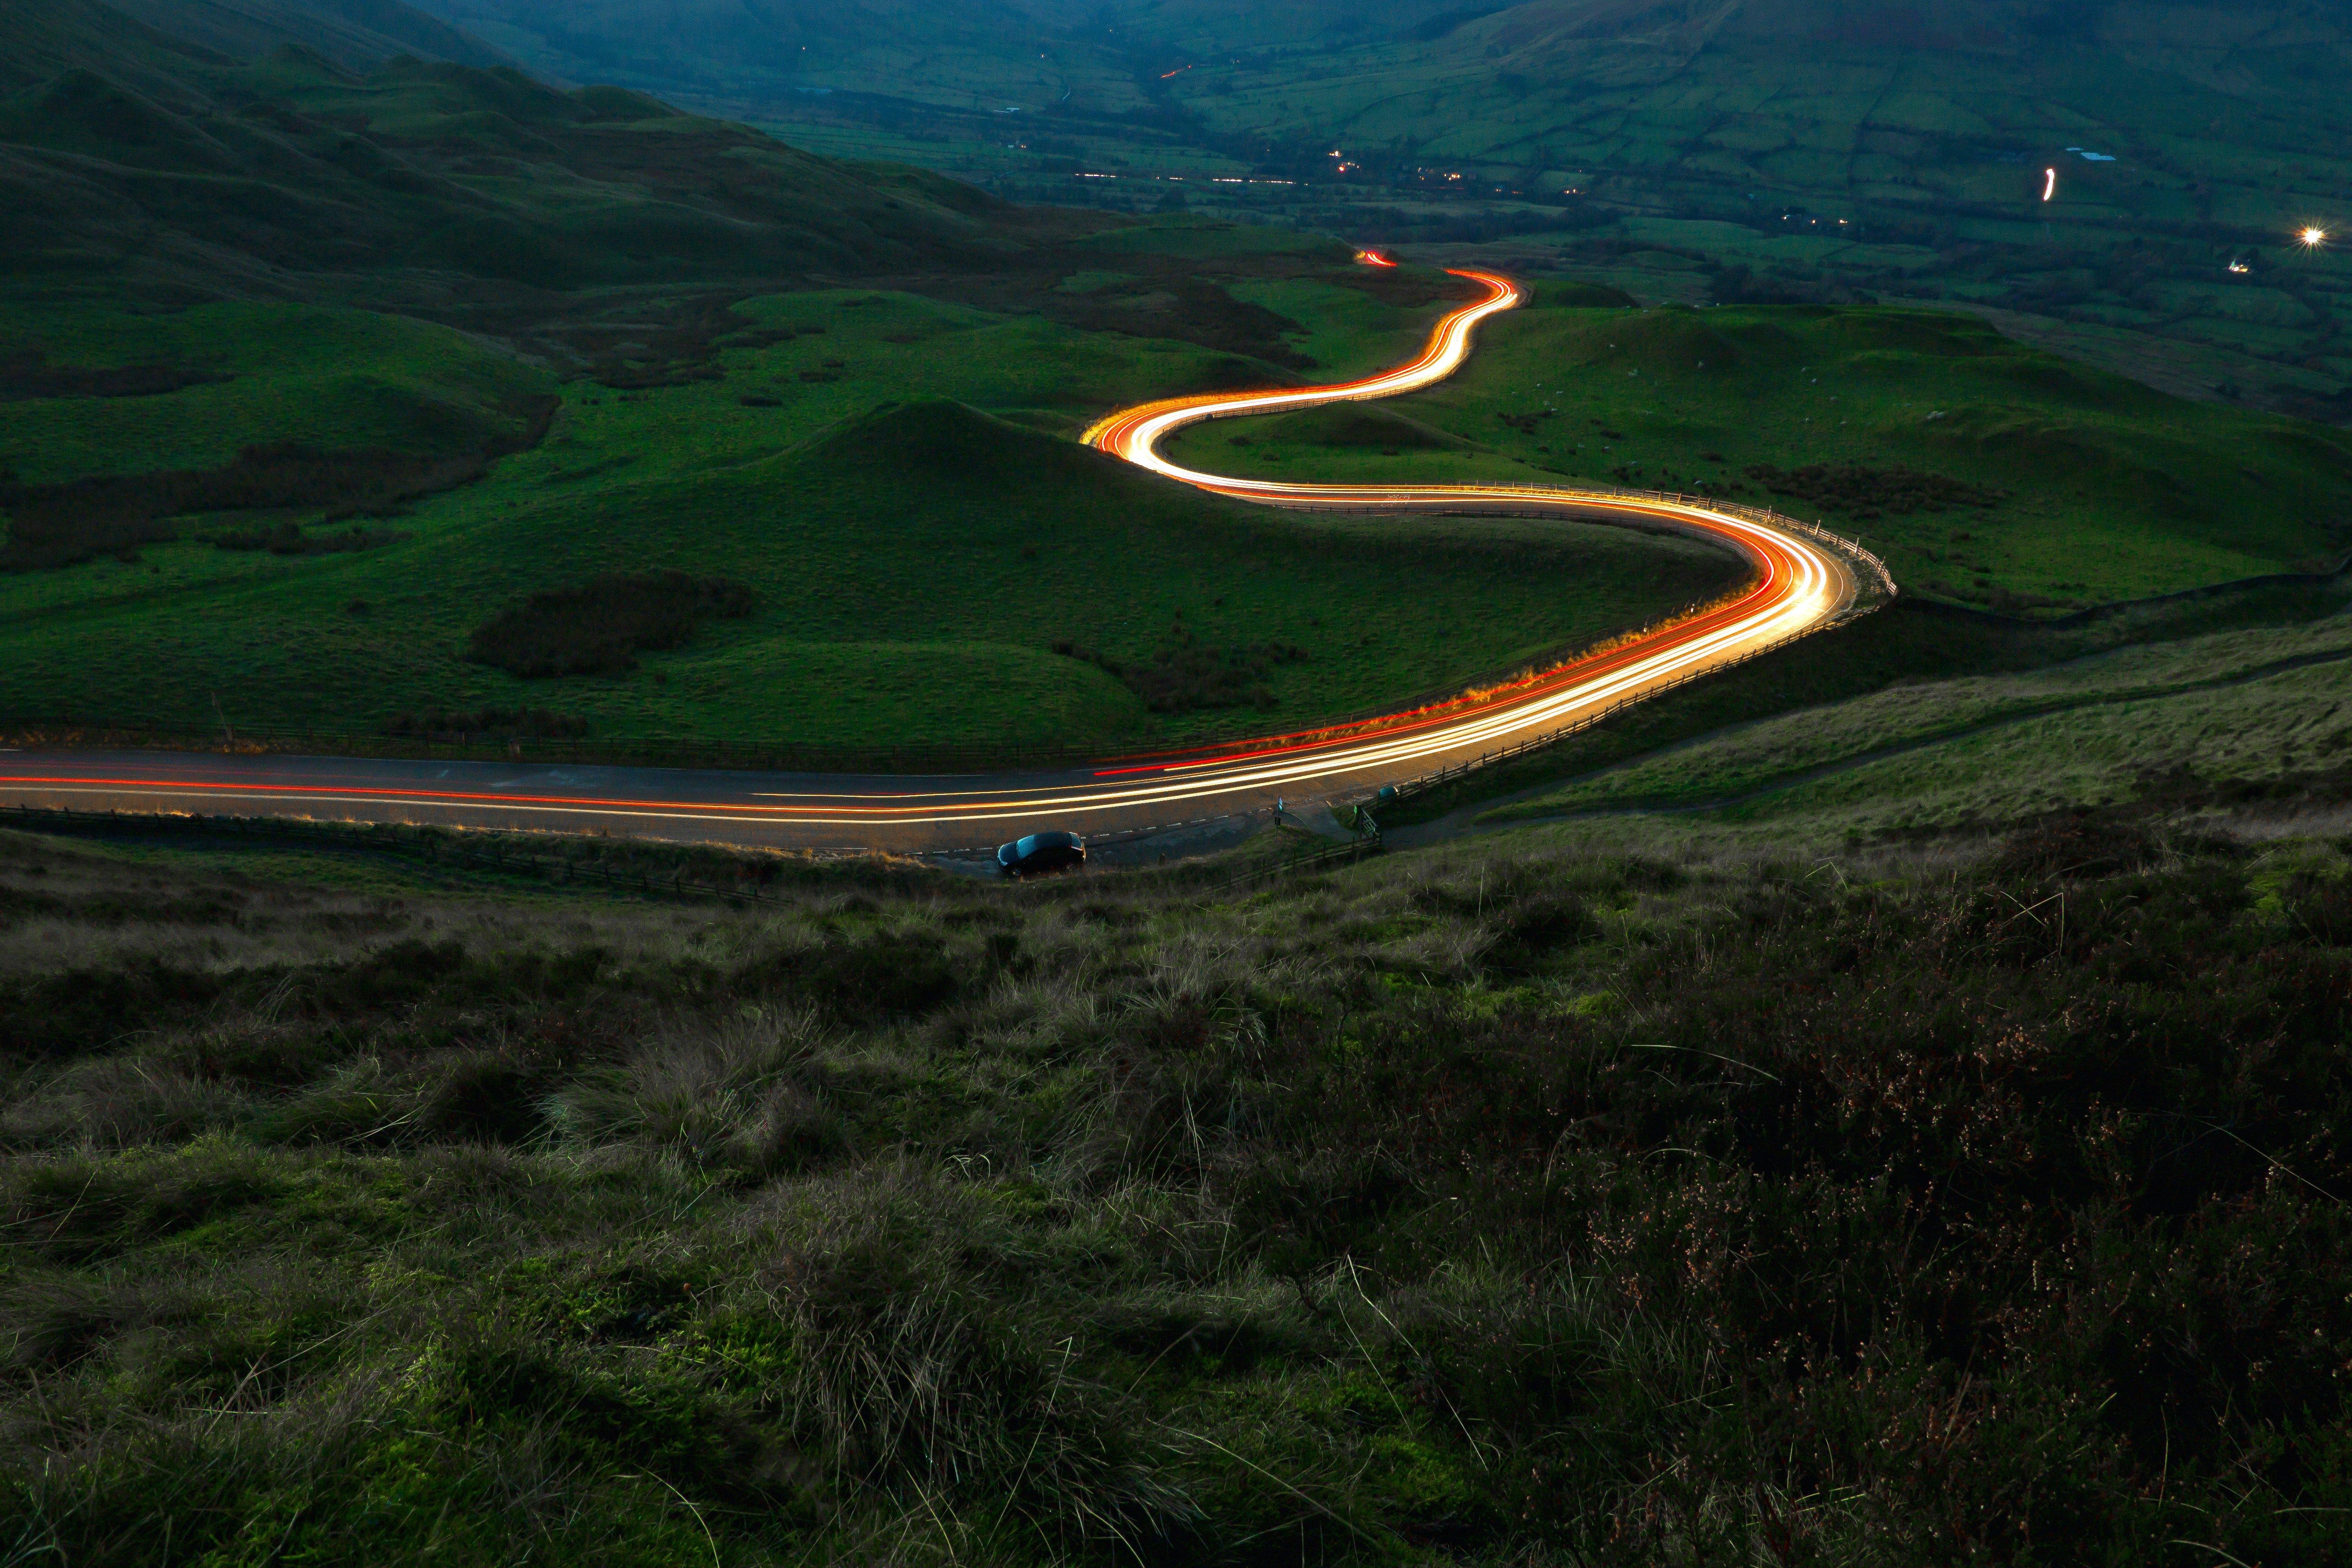 leuchtende Straße